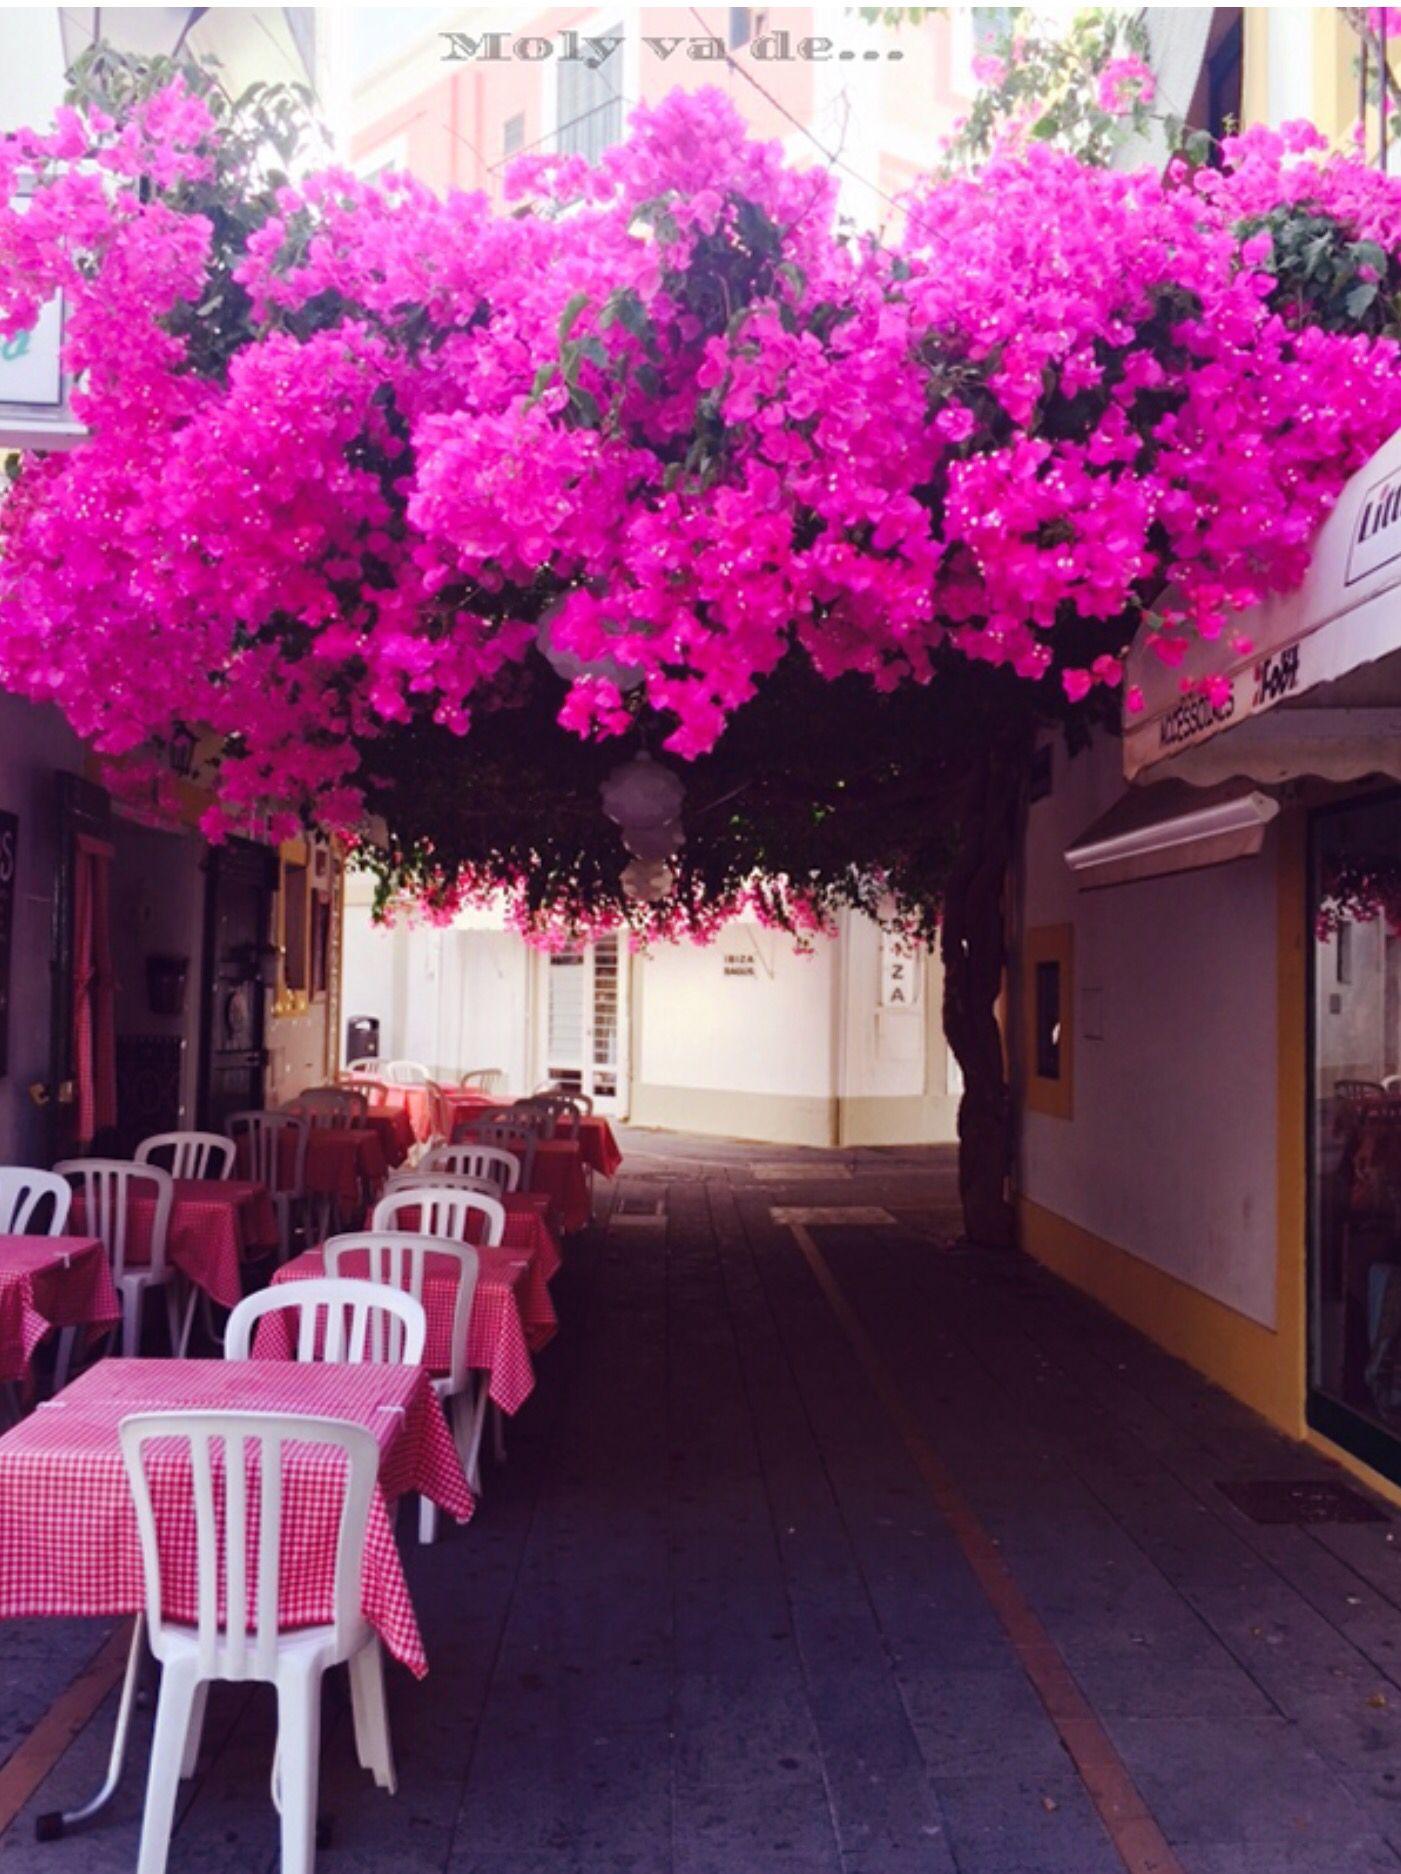 Pero existe otra #Ibiza que explota de color! #Fiesta #Vacacionesdeverano #Molyvade...#viaje #Islabonita #Holidays #Summer #Party #Paradise  molyvade.blogspot.com